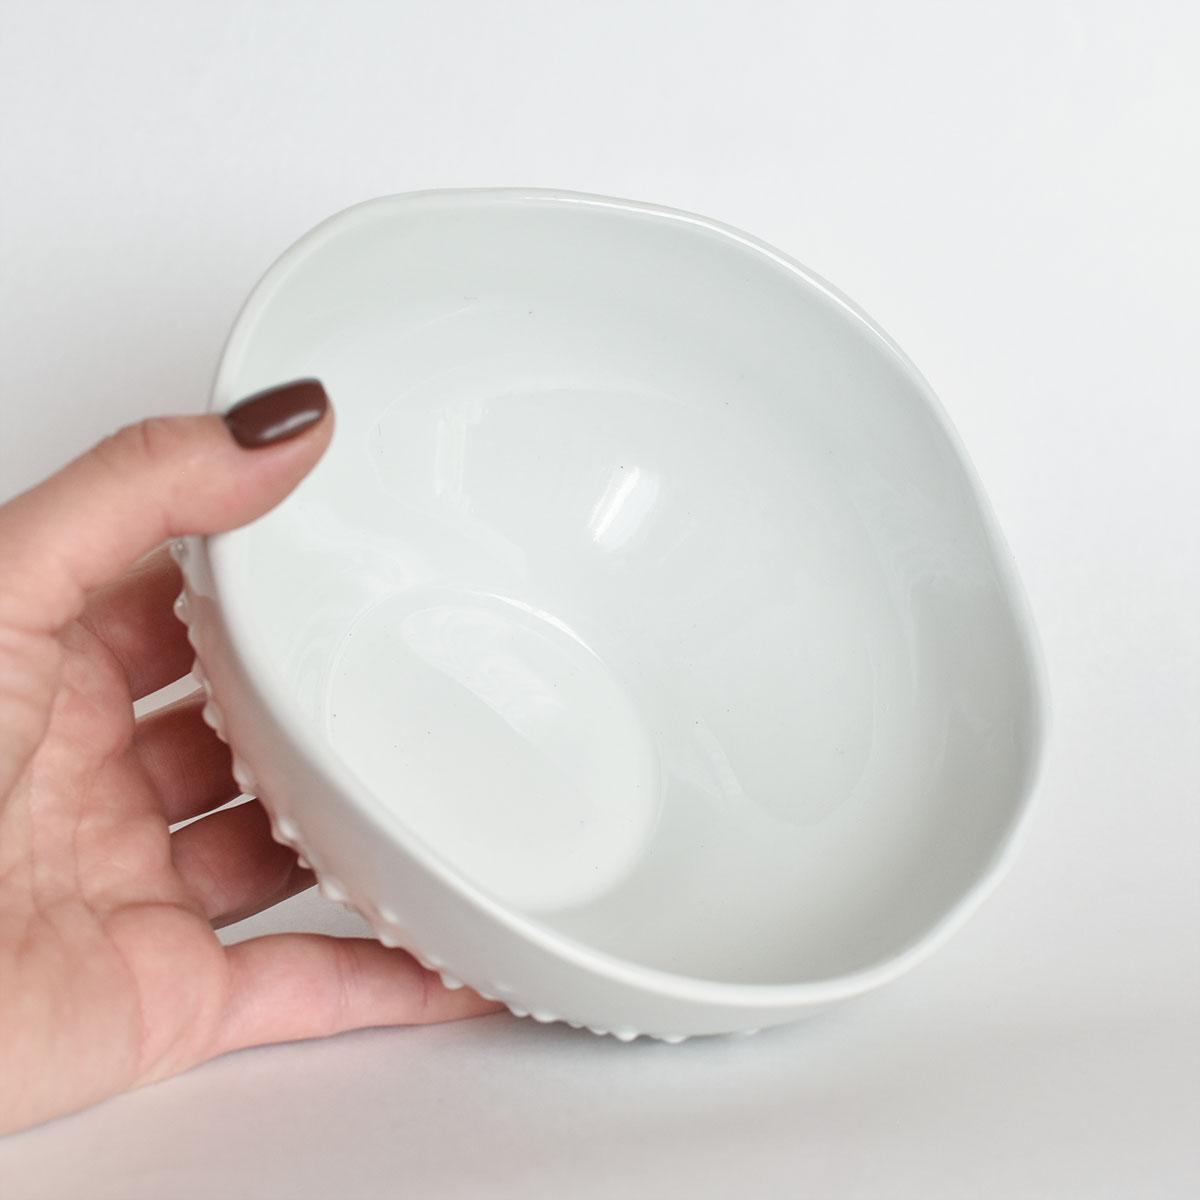 картинка Белый салатник с шипами - DishWishes.Ru